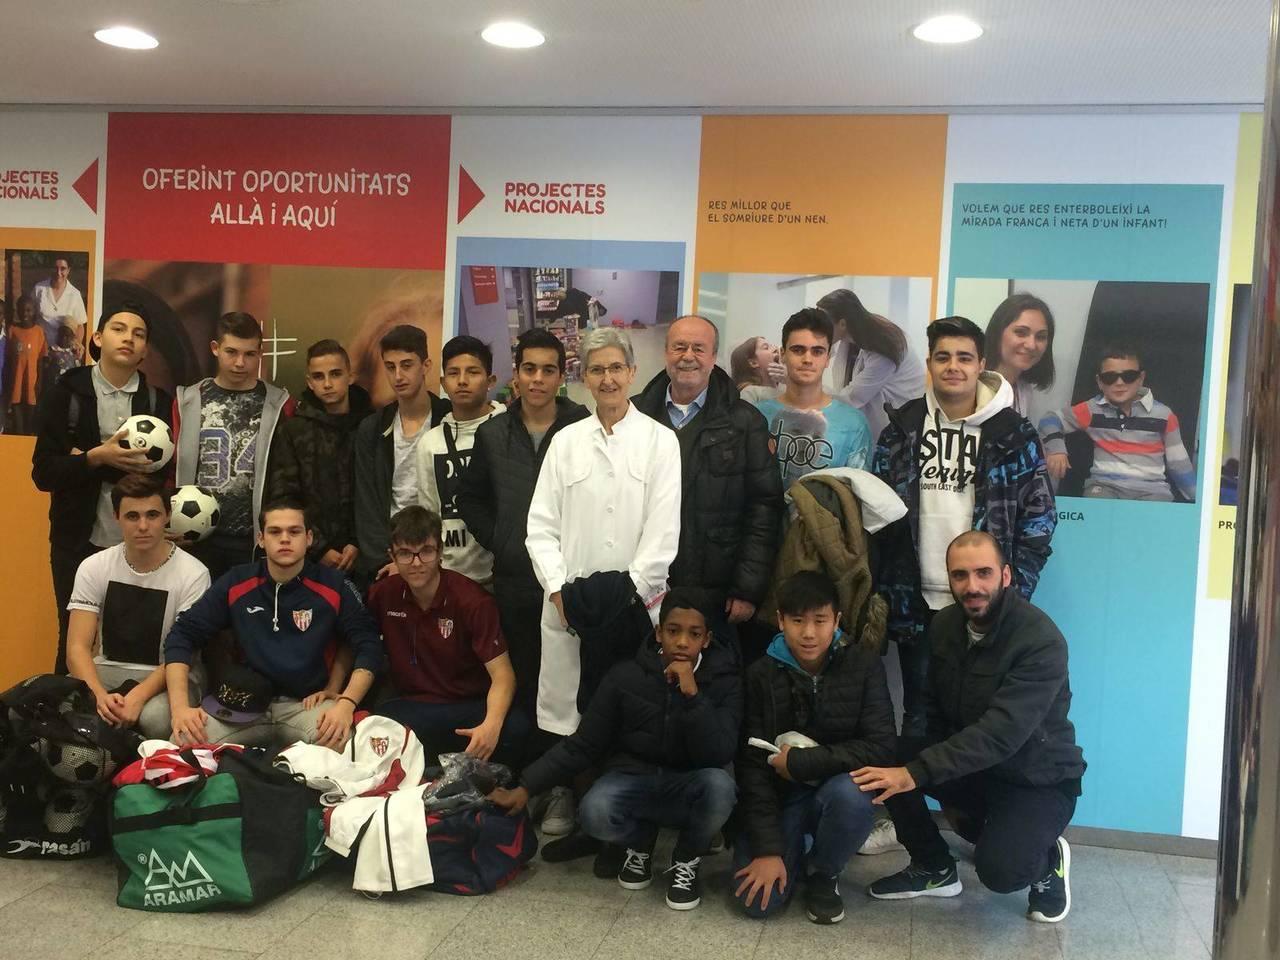 El jueves 15/12/2016 visitamos el Hospital de Nens de Barcelona